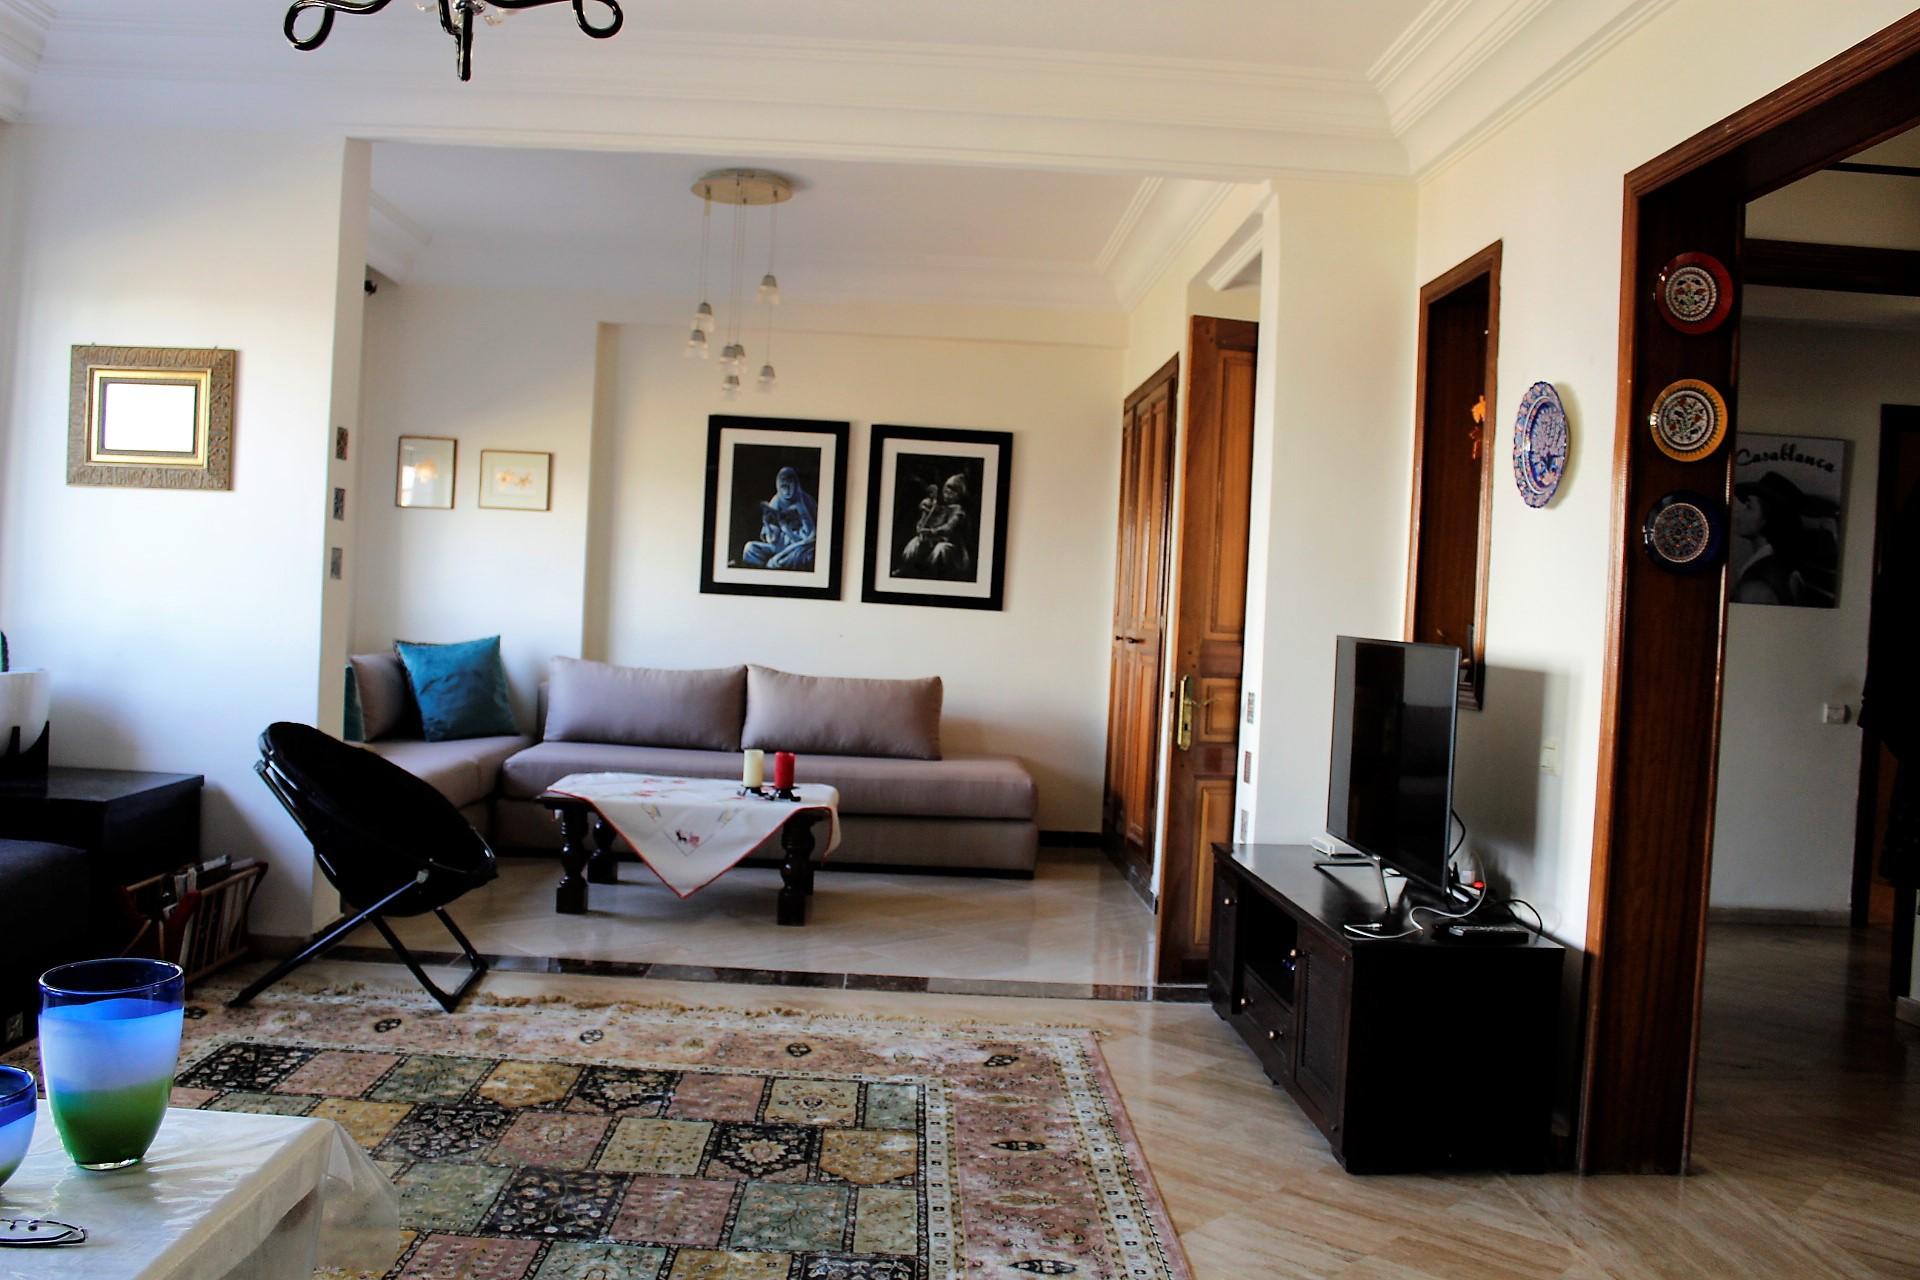 En cœur de Racine, à louer parfait appartement familial sans aucun vis a vis dans résidence bourgeoise.